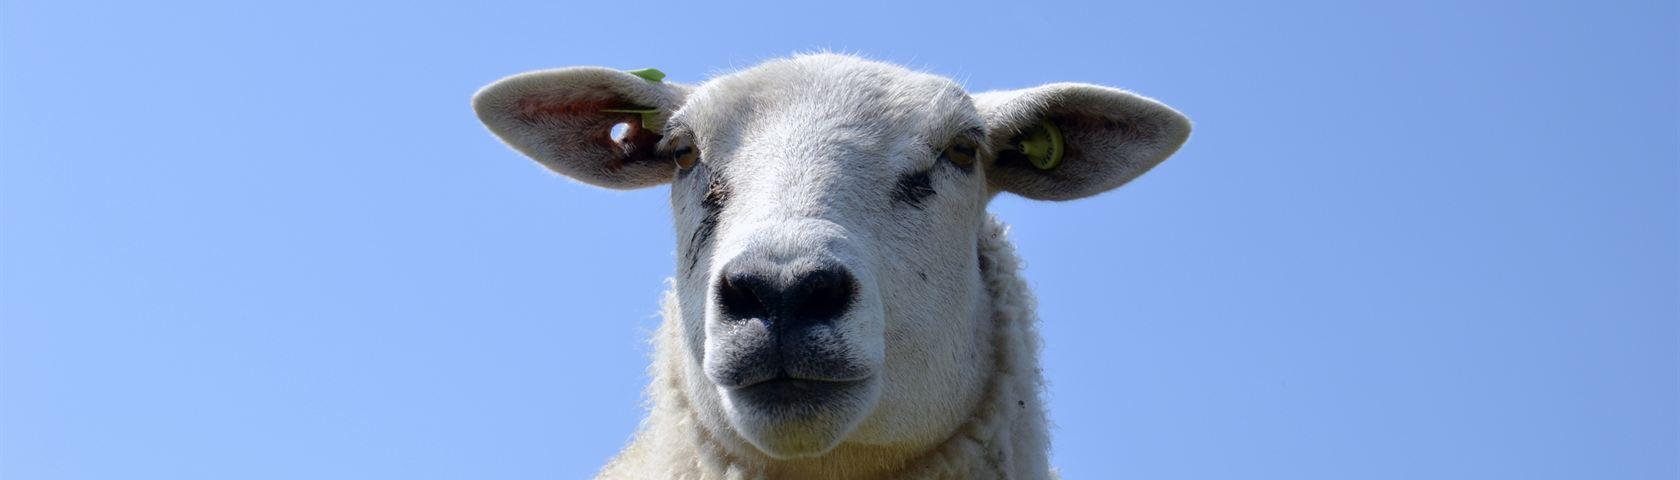 Terschelling Sheep